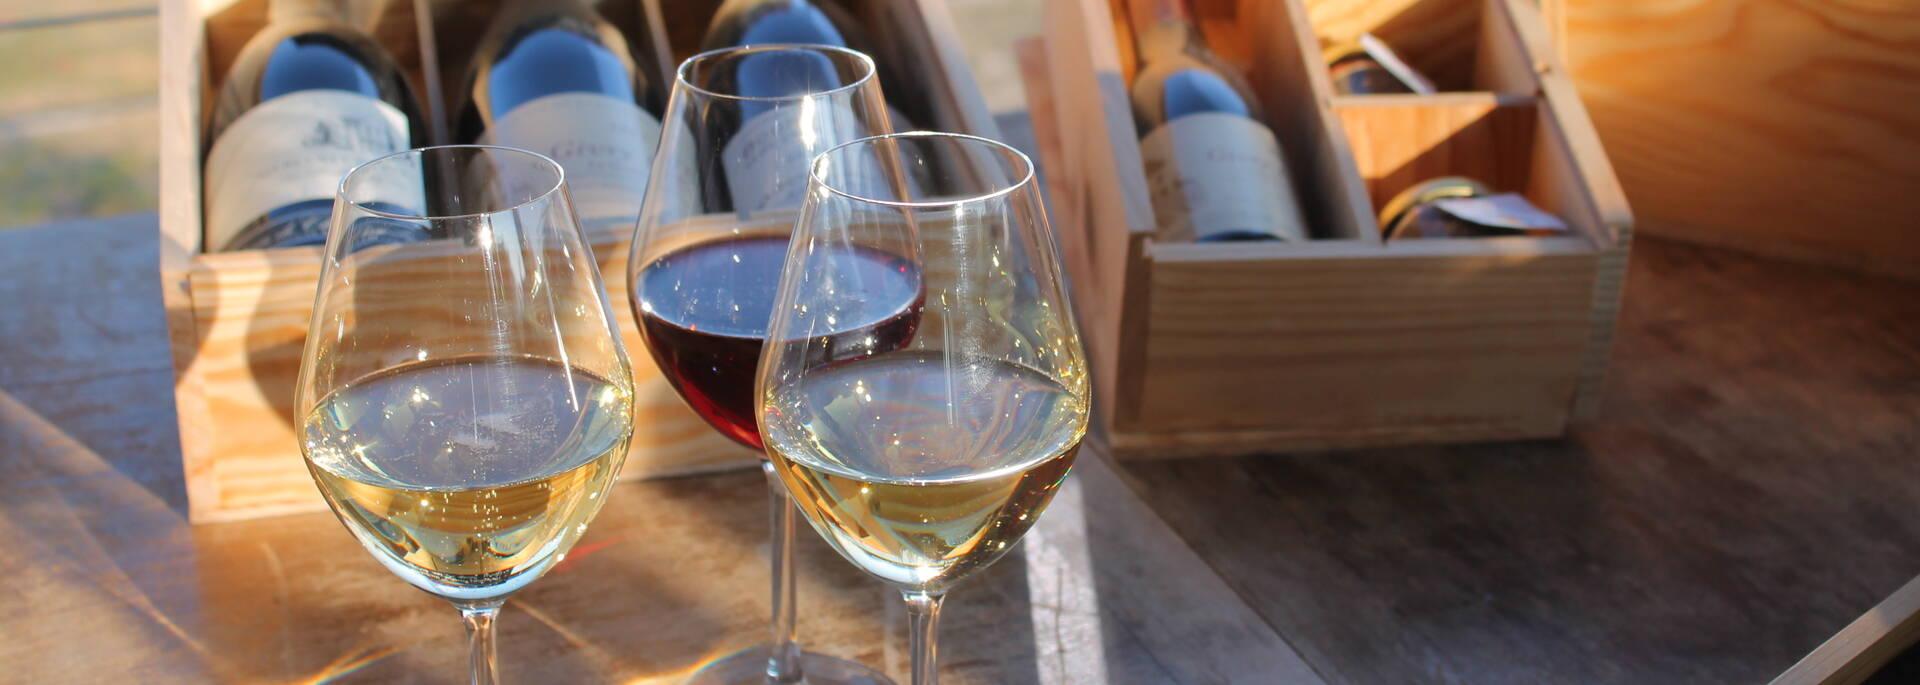 Dégustation à la Maison des Vins de la Côte Chalonnaise